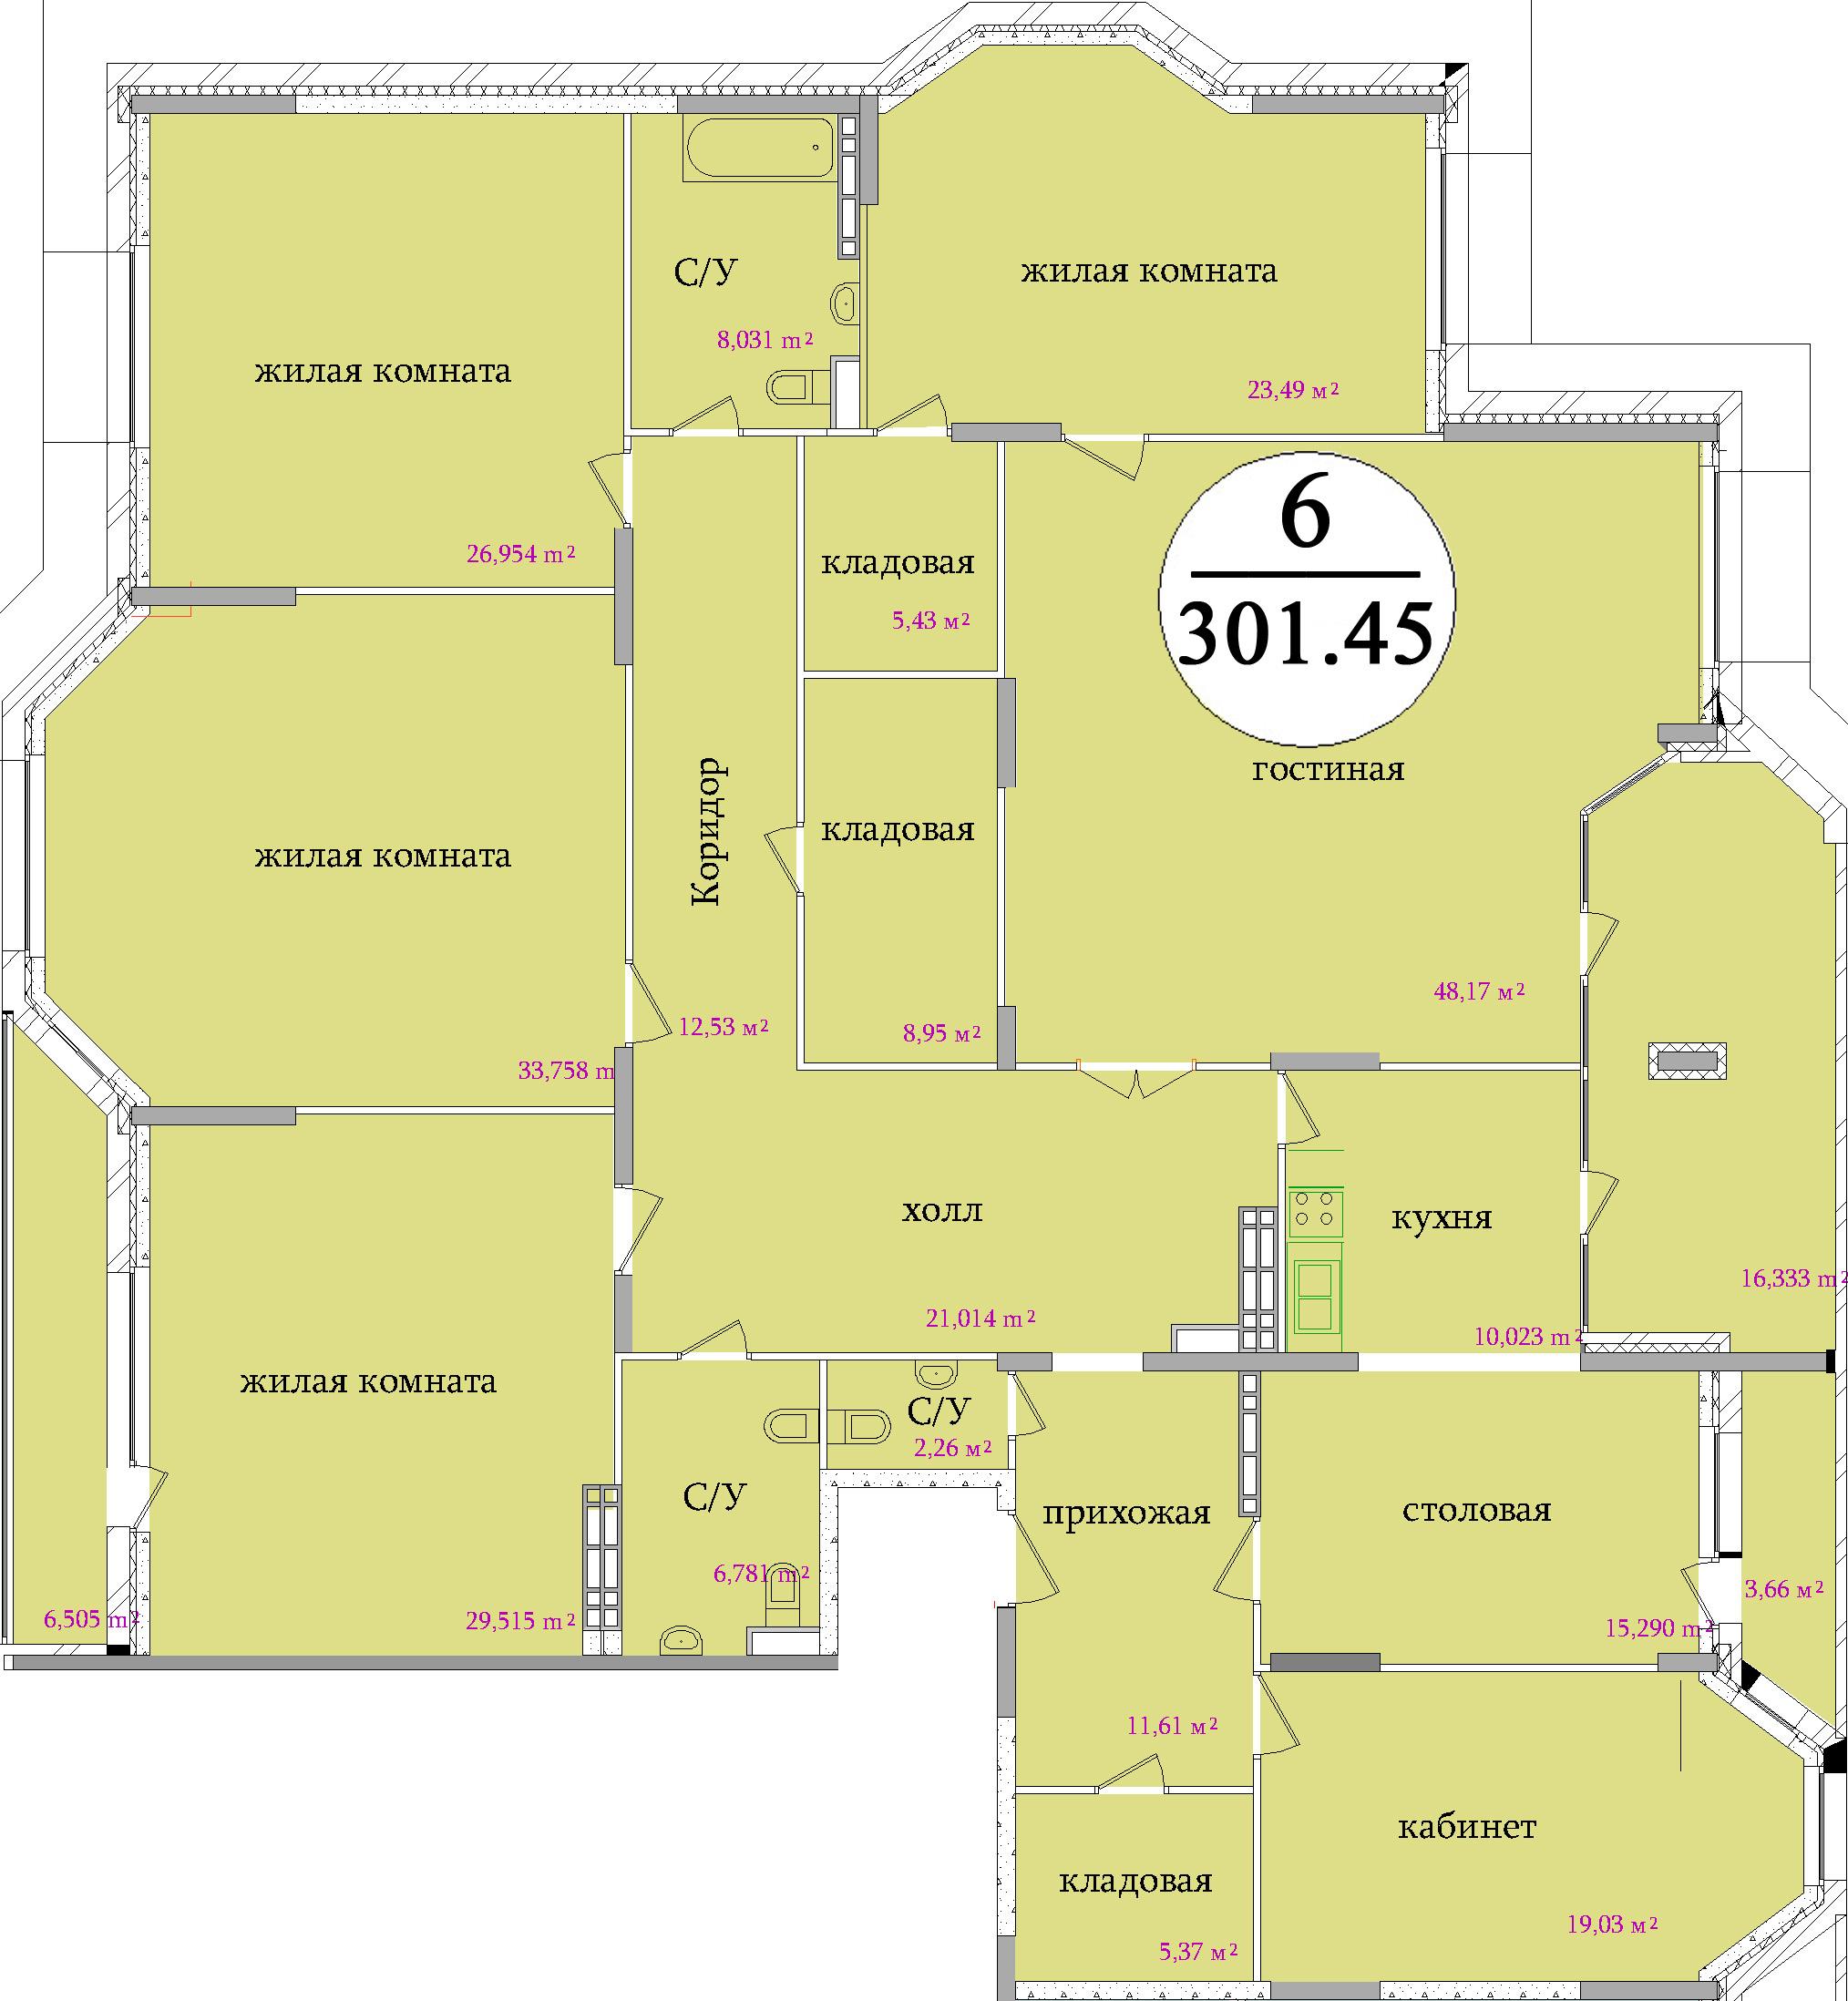 Планировка шестикомнатной квартиры площадью 301,45 м2 ЖК НА ПЕРВОМАЙСКОЙ по улице Первомайская в городе Туле